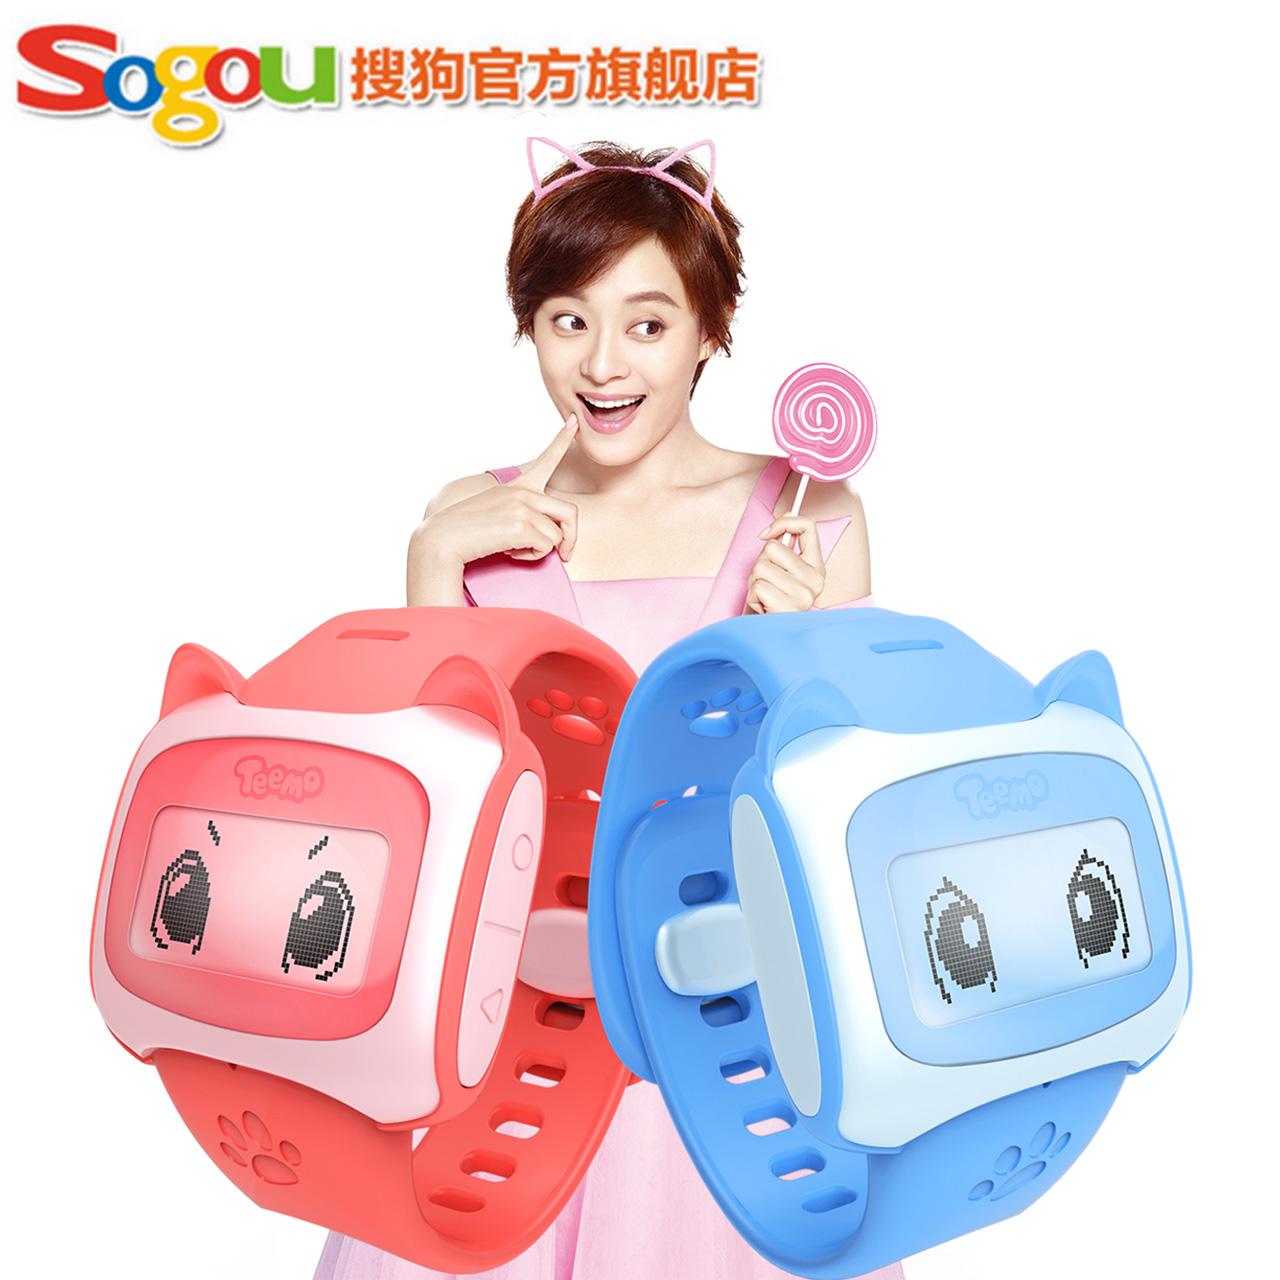 Sogou/搜狗 智能手表质量好吗,好用吗